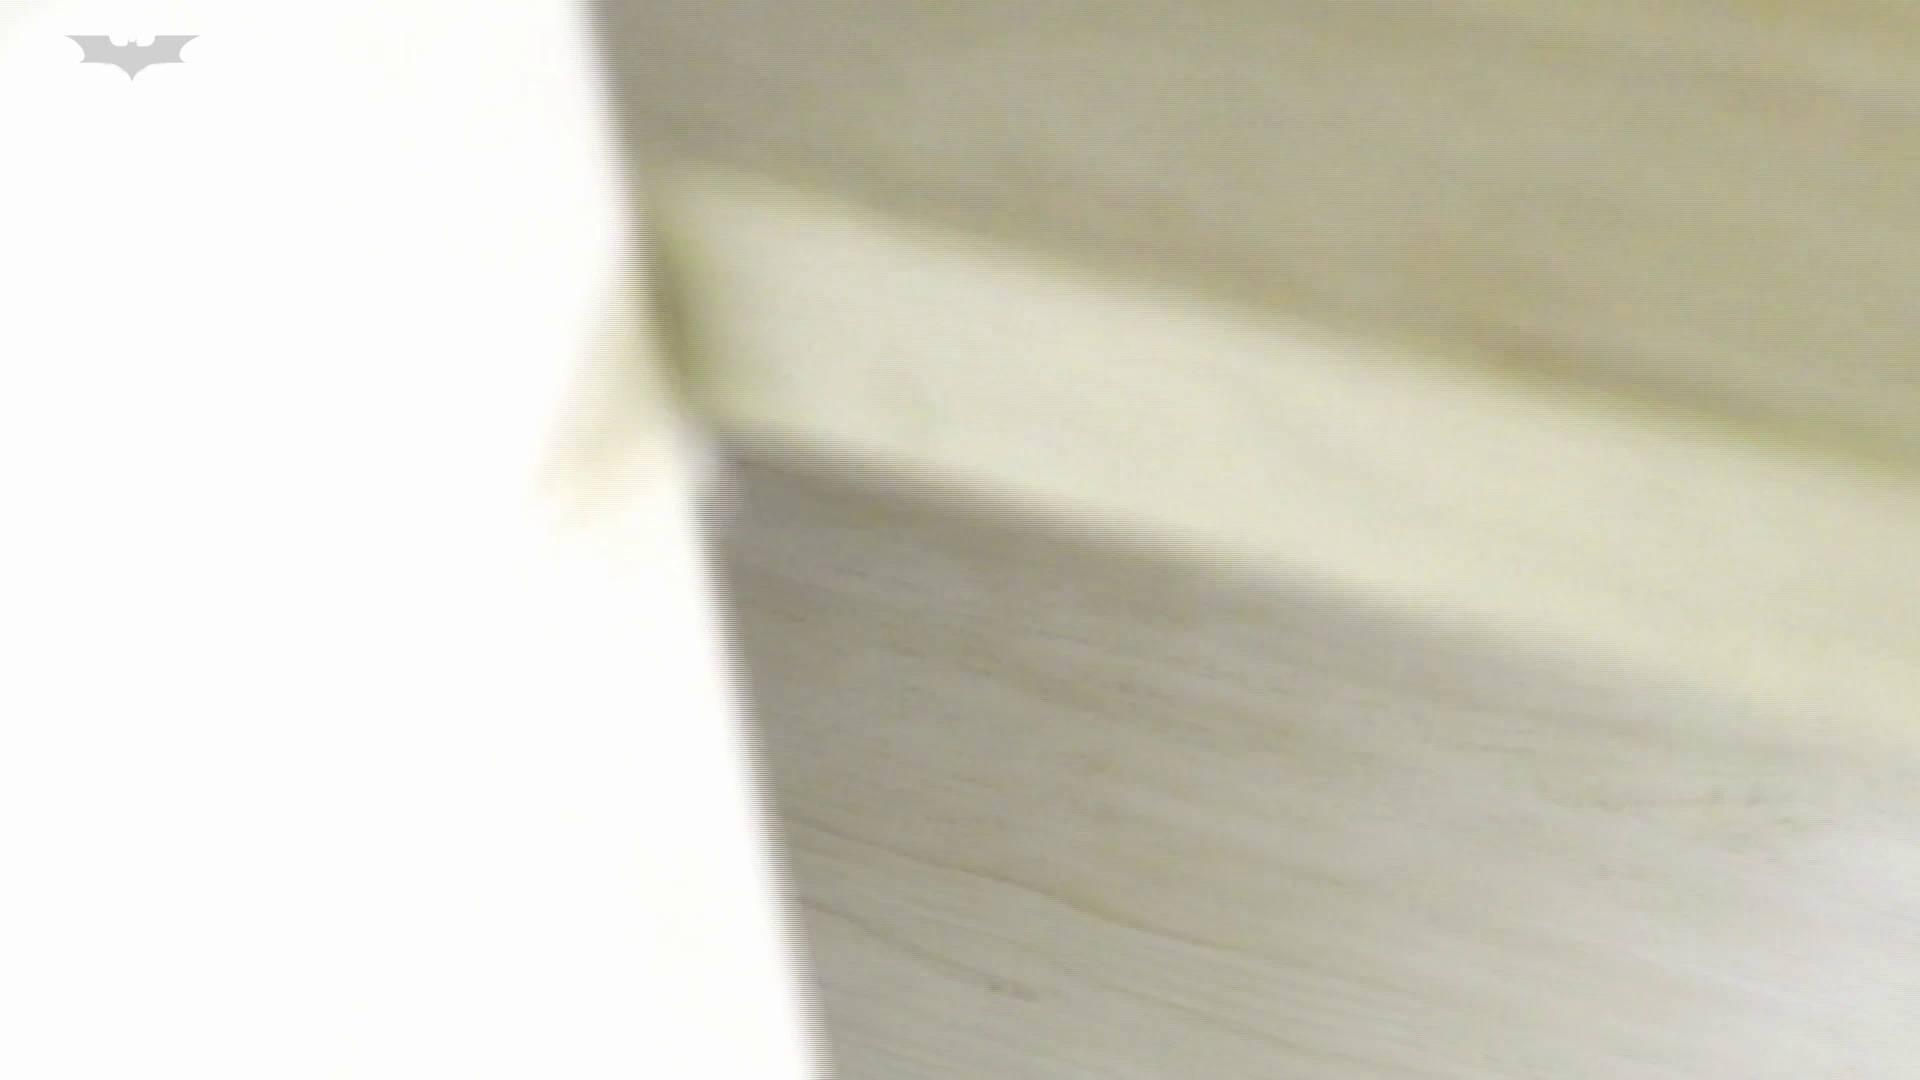 和式洋式七変化 Vol.31 洋式だけど丸見えですっ!! 丸見え  73PIX 22